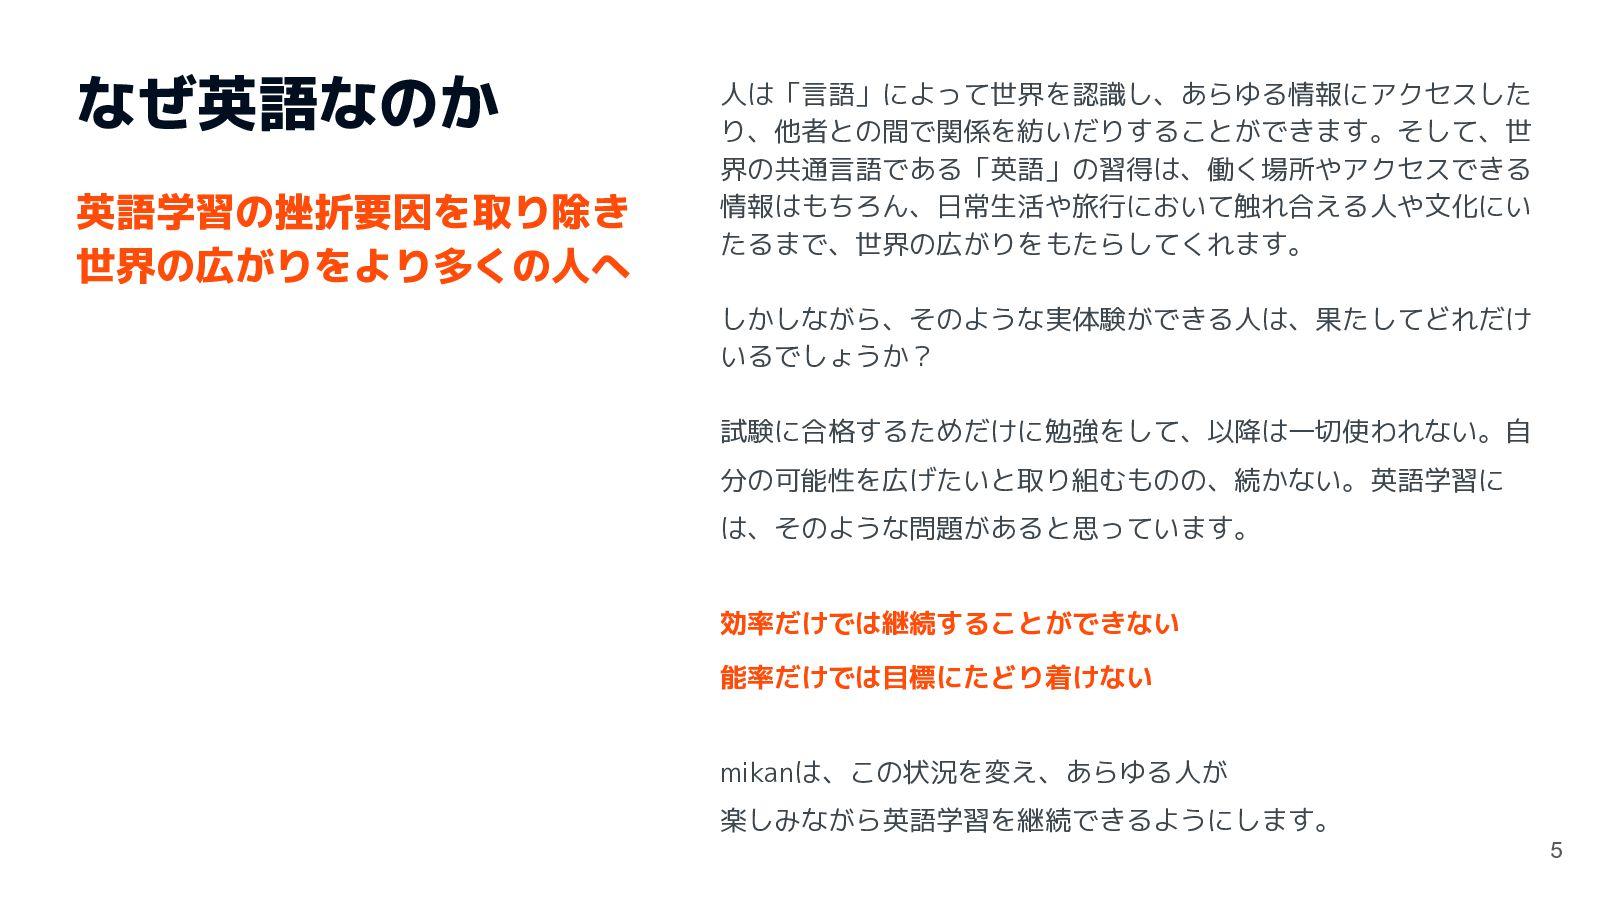 Mission 本質的なテクノロジー活用で あらゆる人の英語学習によりそい 人生の可能性を広げ...